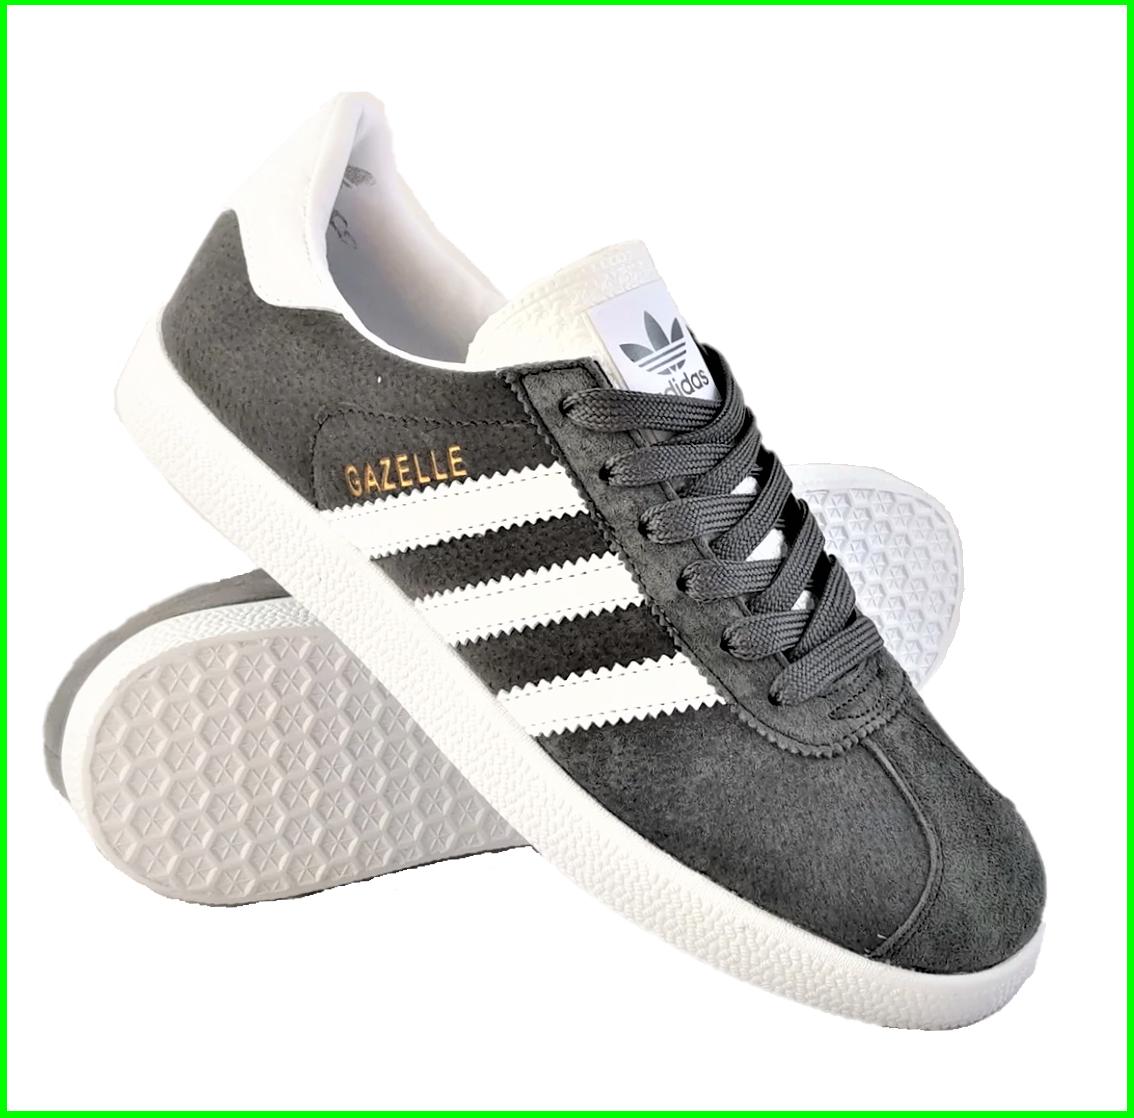 Кроссовки Adidas Gazelle Серые Мужские Адидас (размеры: 41) Видео Обзор